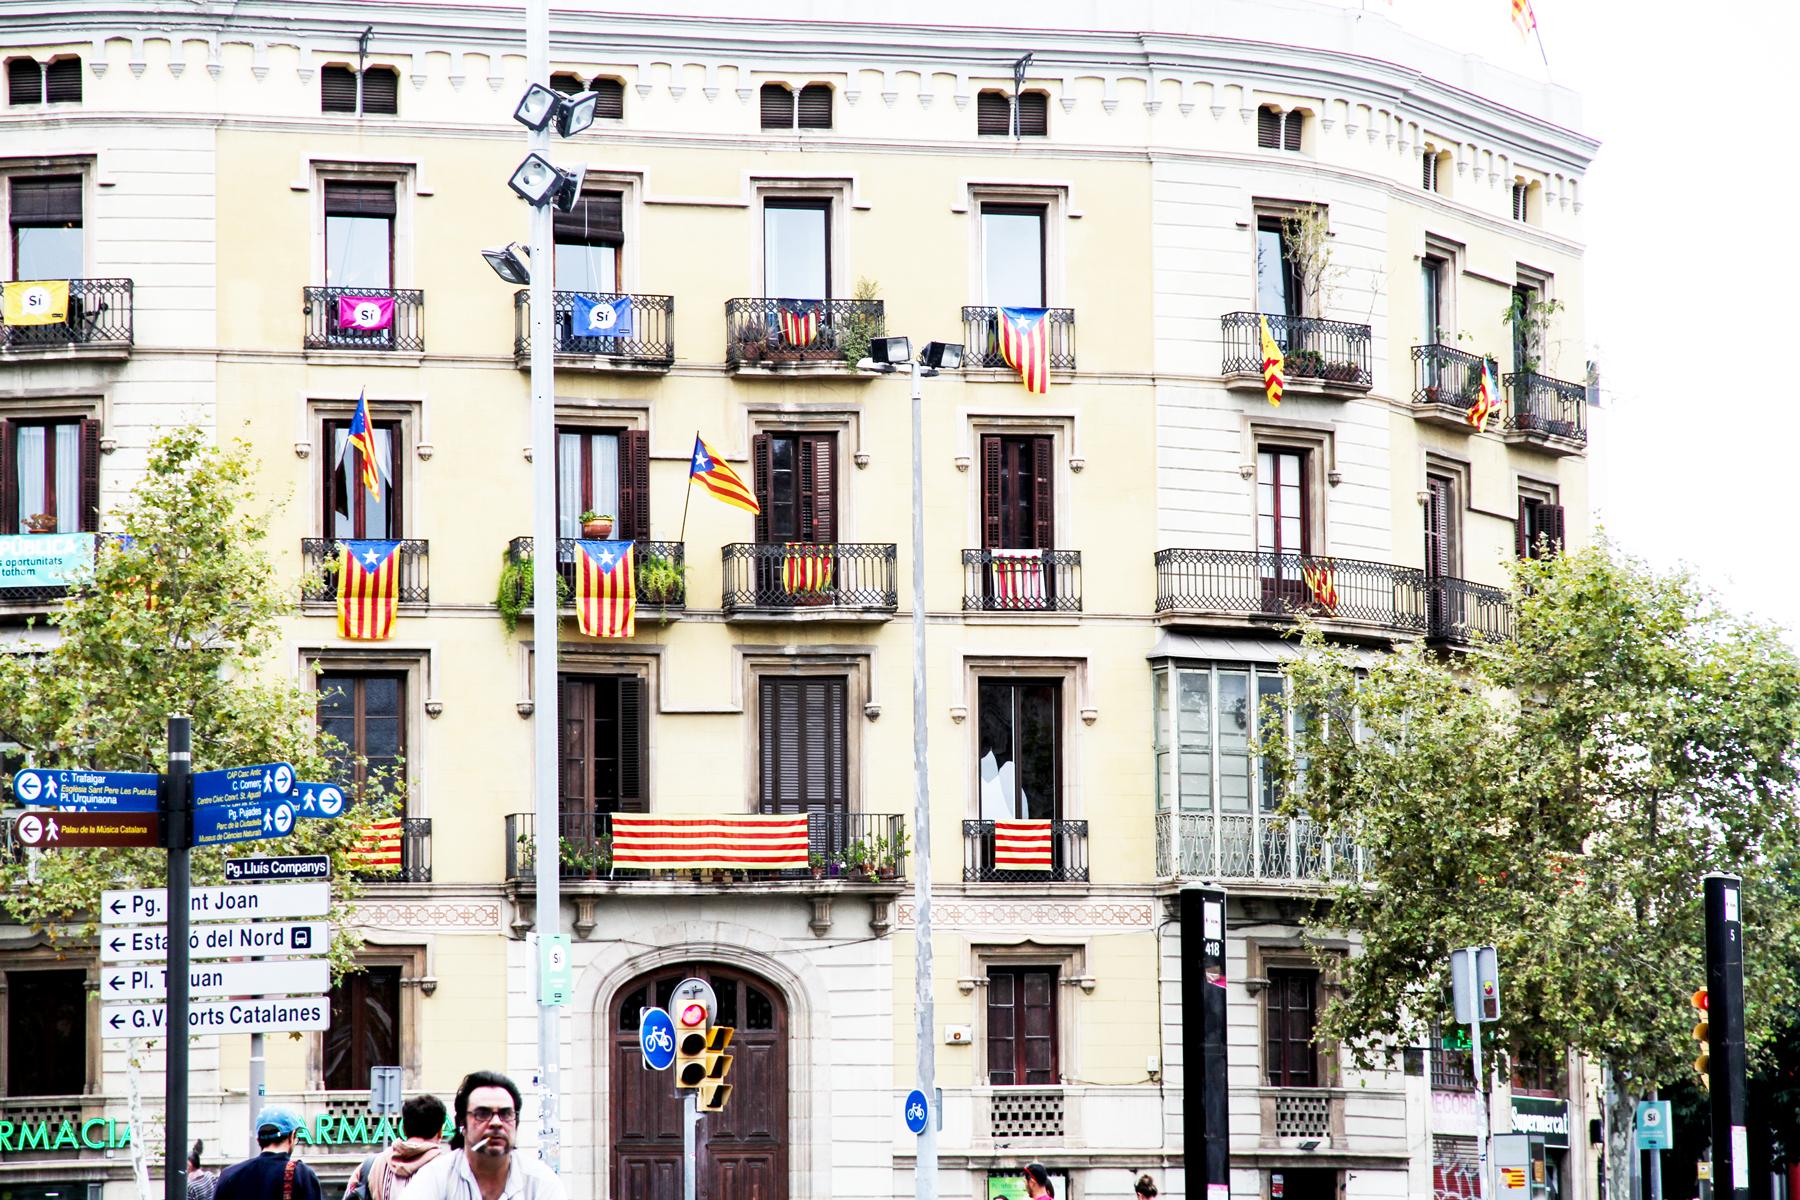 Les balcons de la ville, catalane